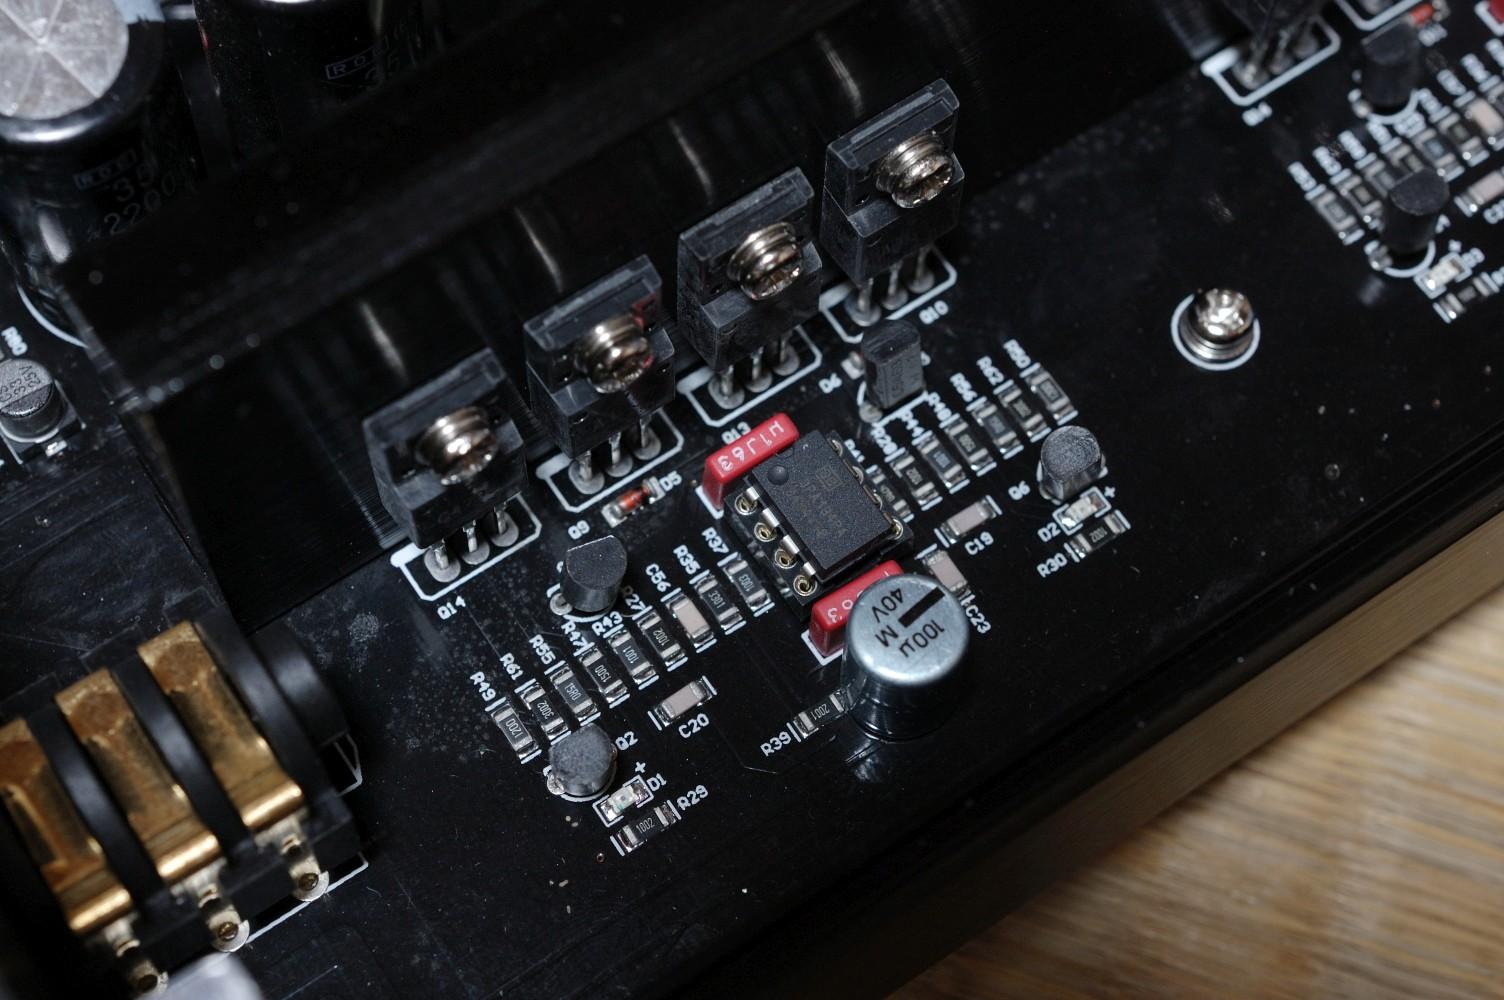 C546b transistor